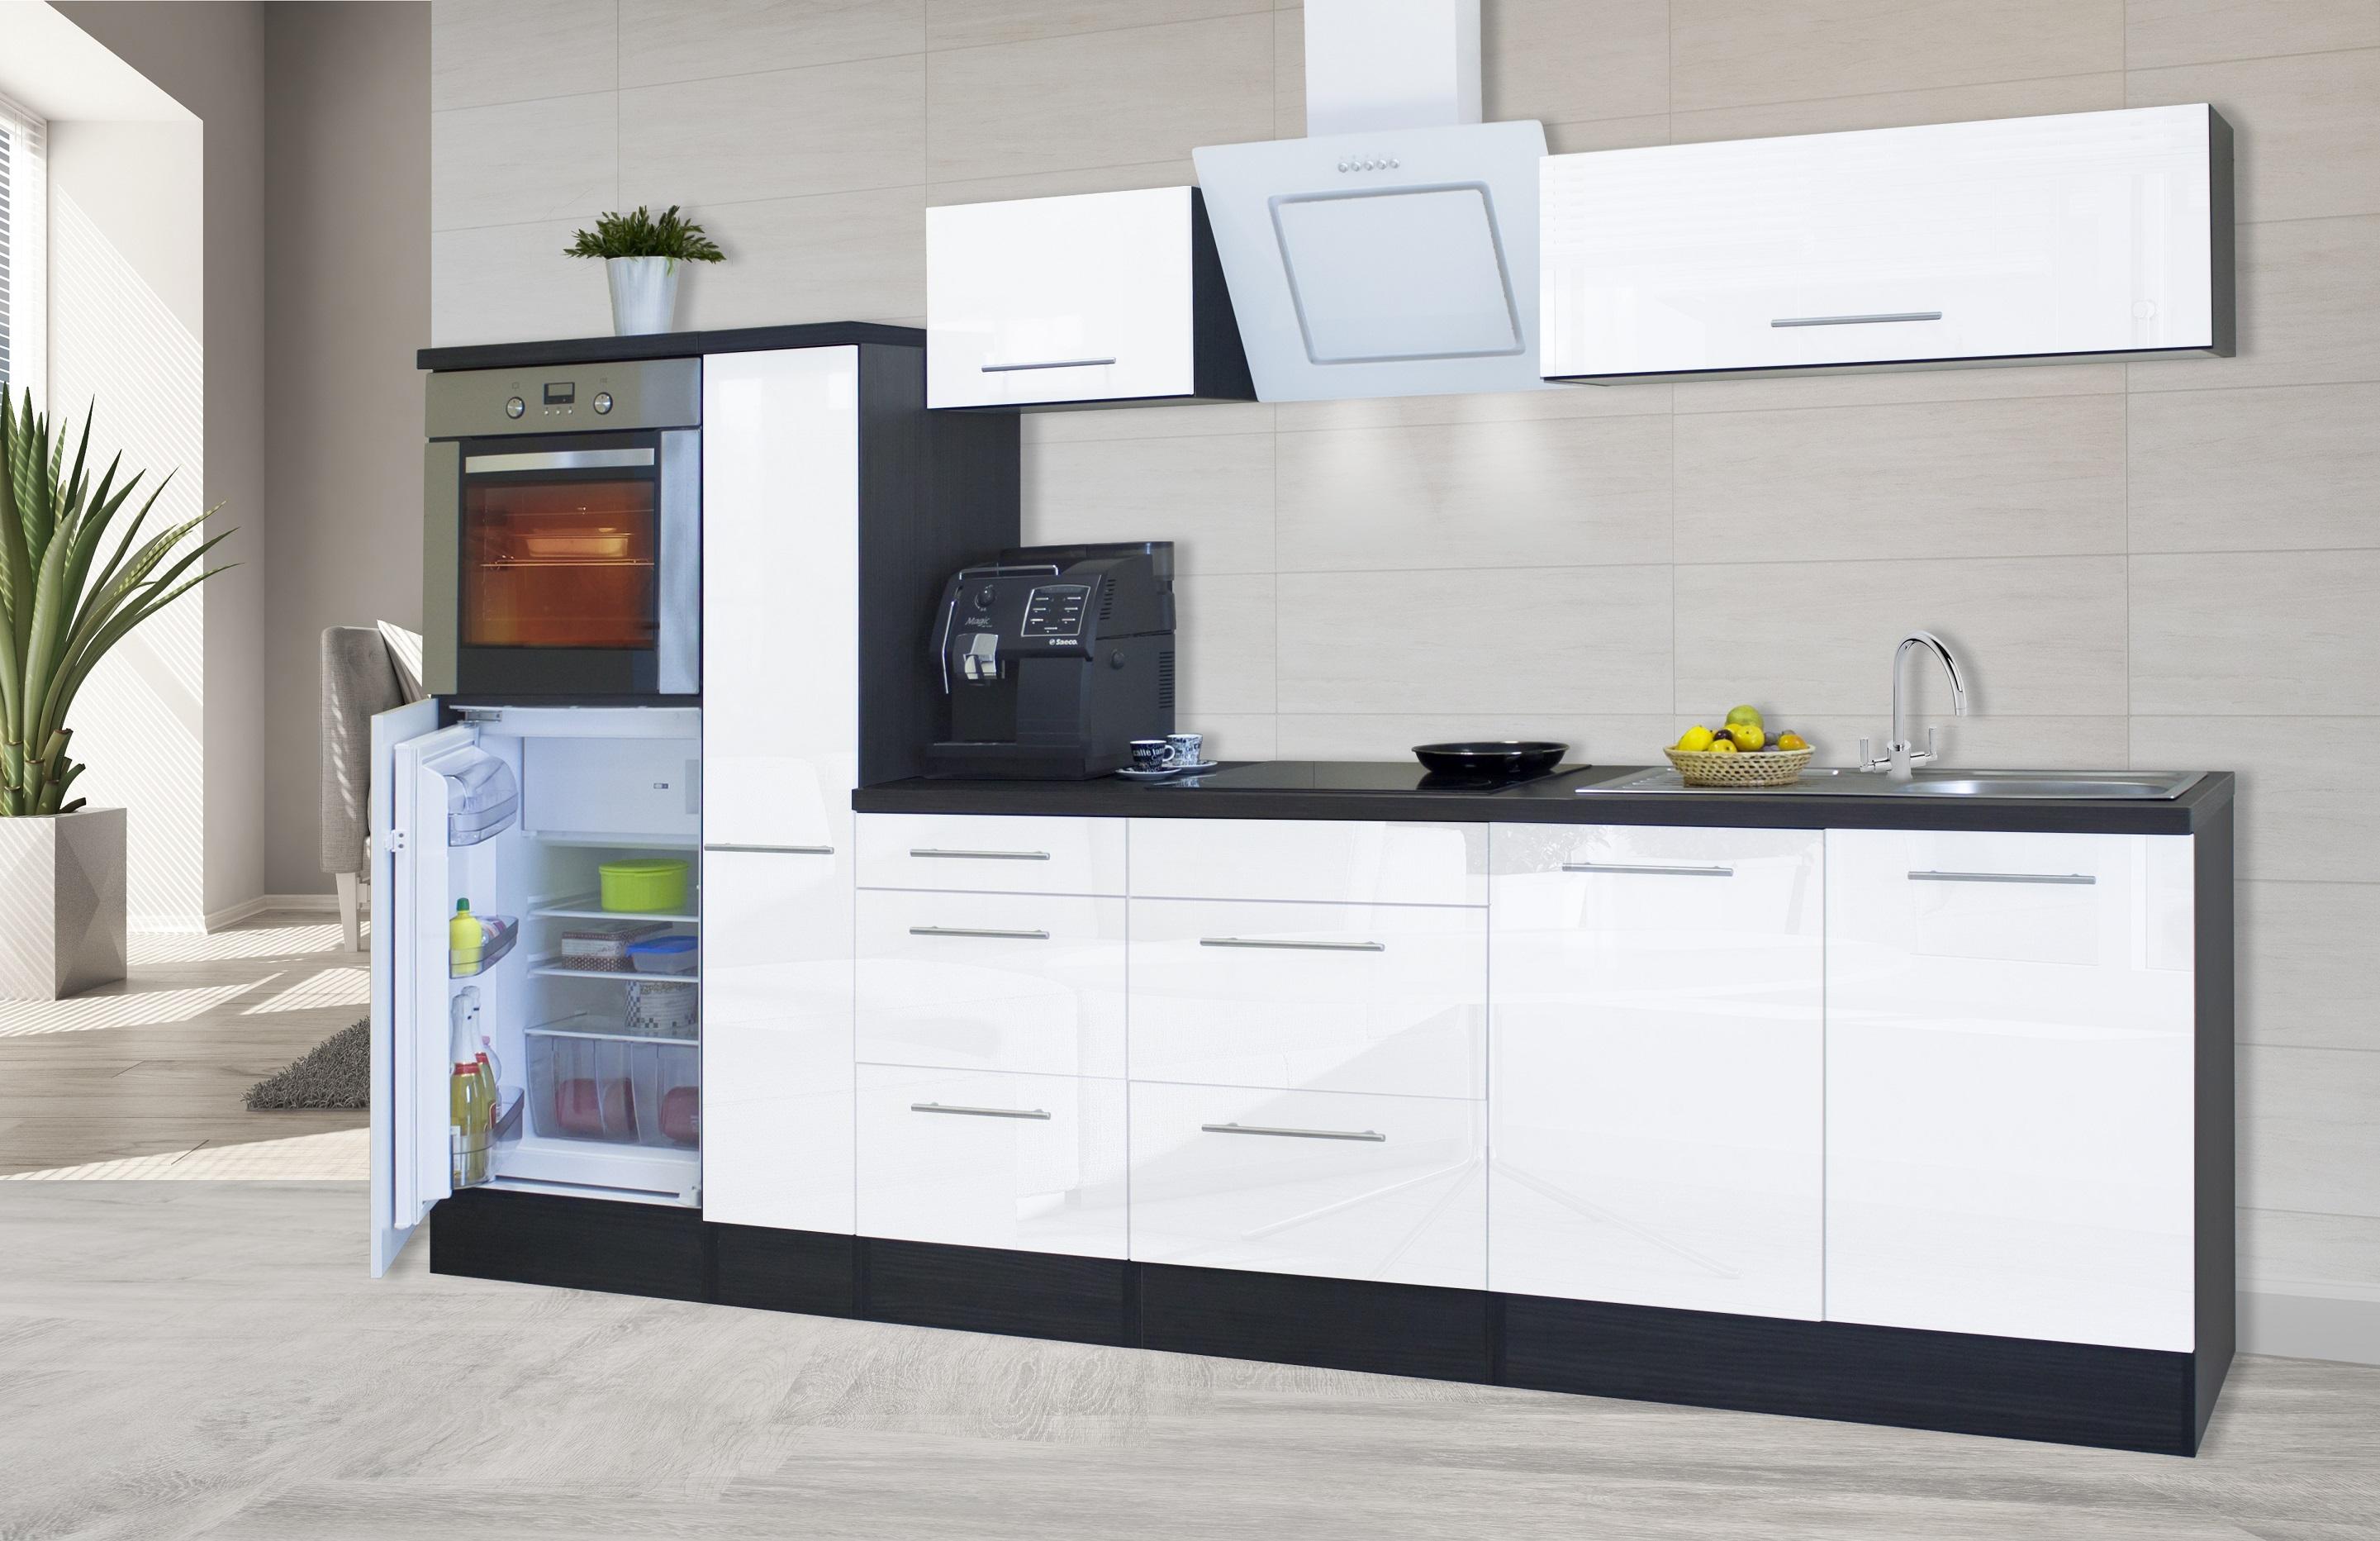 respekta premium einbau k che k chenzeile 300 cm eiche. Black Bedroom Furniture Sets. Home Design Ideas